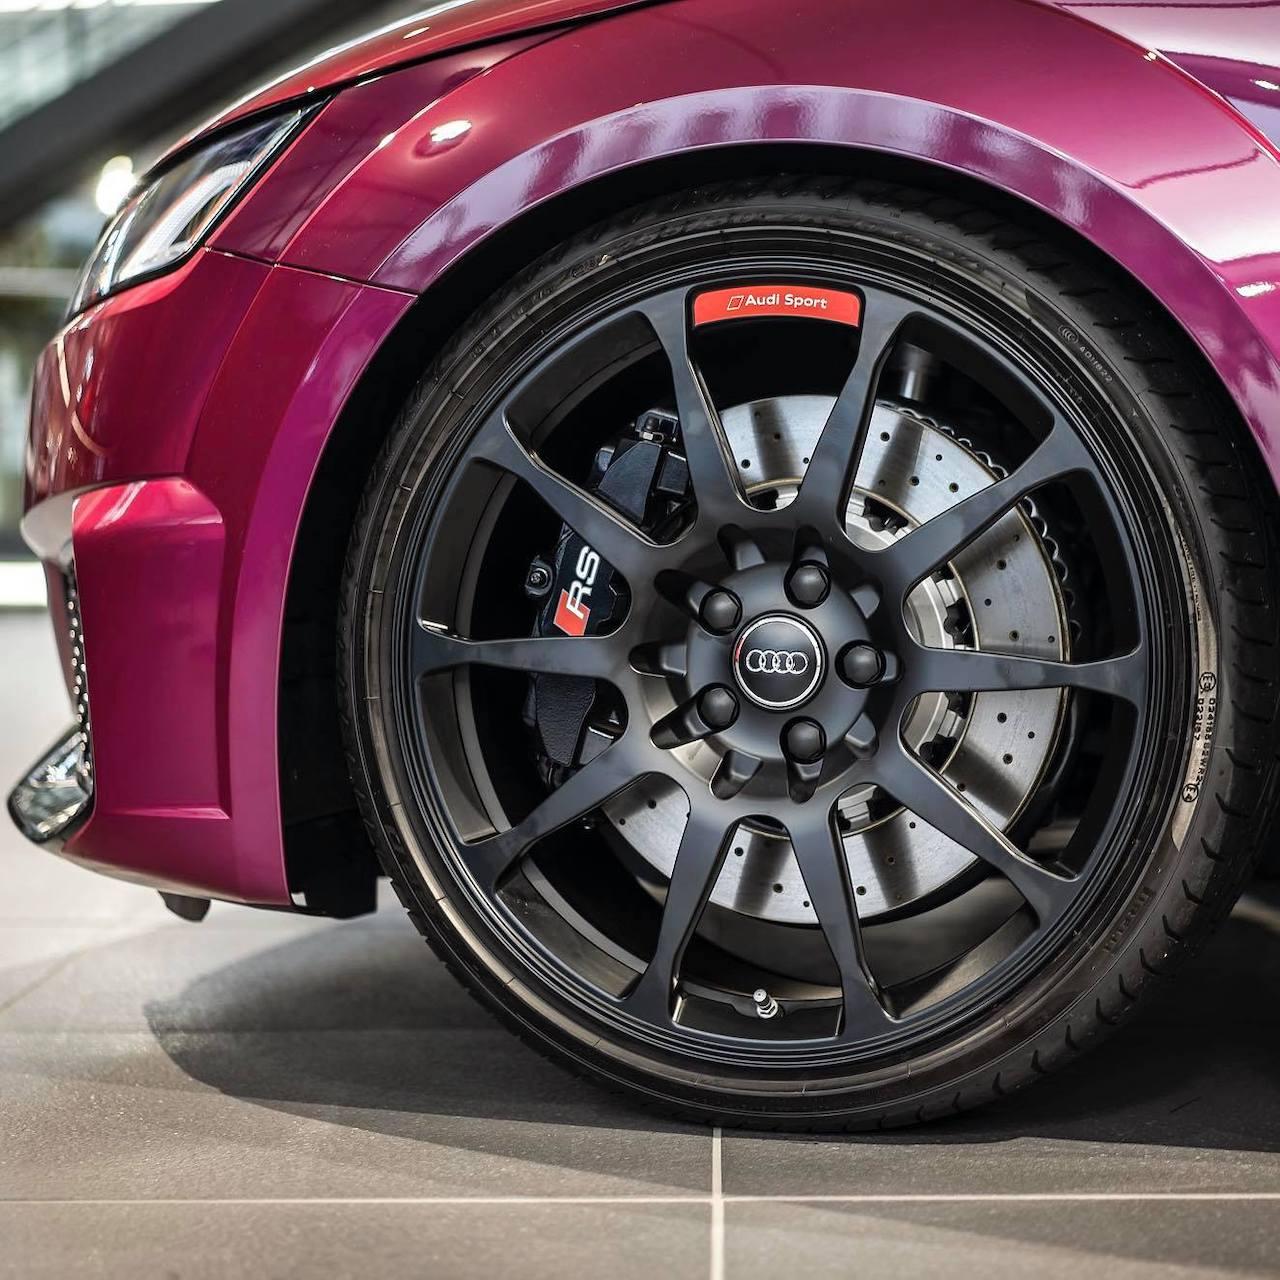 https://www.audittclub.it/wp/wp-content/uploads/2020/01/2020-Audi-TT-RS-3.jpg